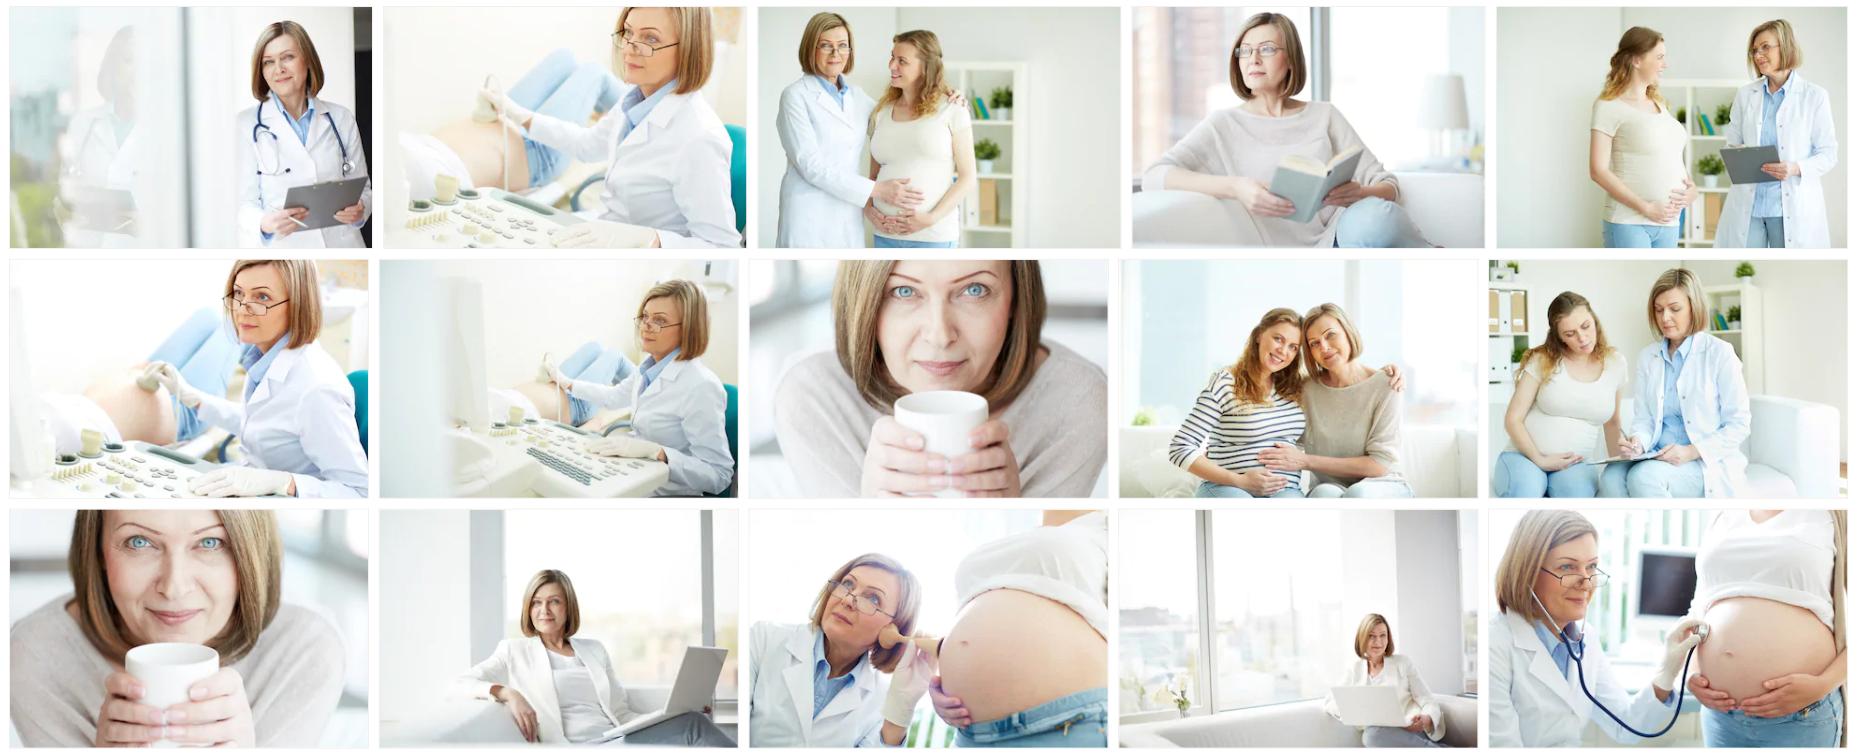 """Różne zdjęcia kobiety, która rzekomo miała być nową """"główną kardiolog Rosji"""""""